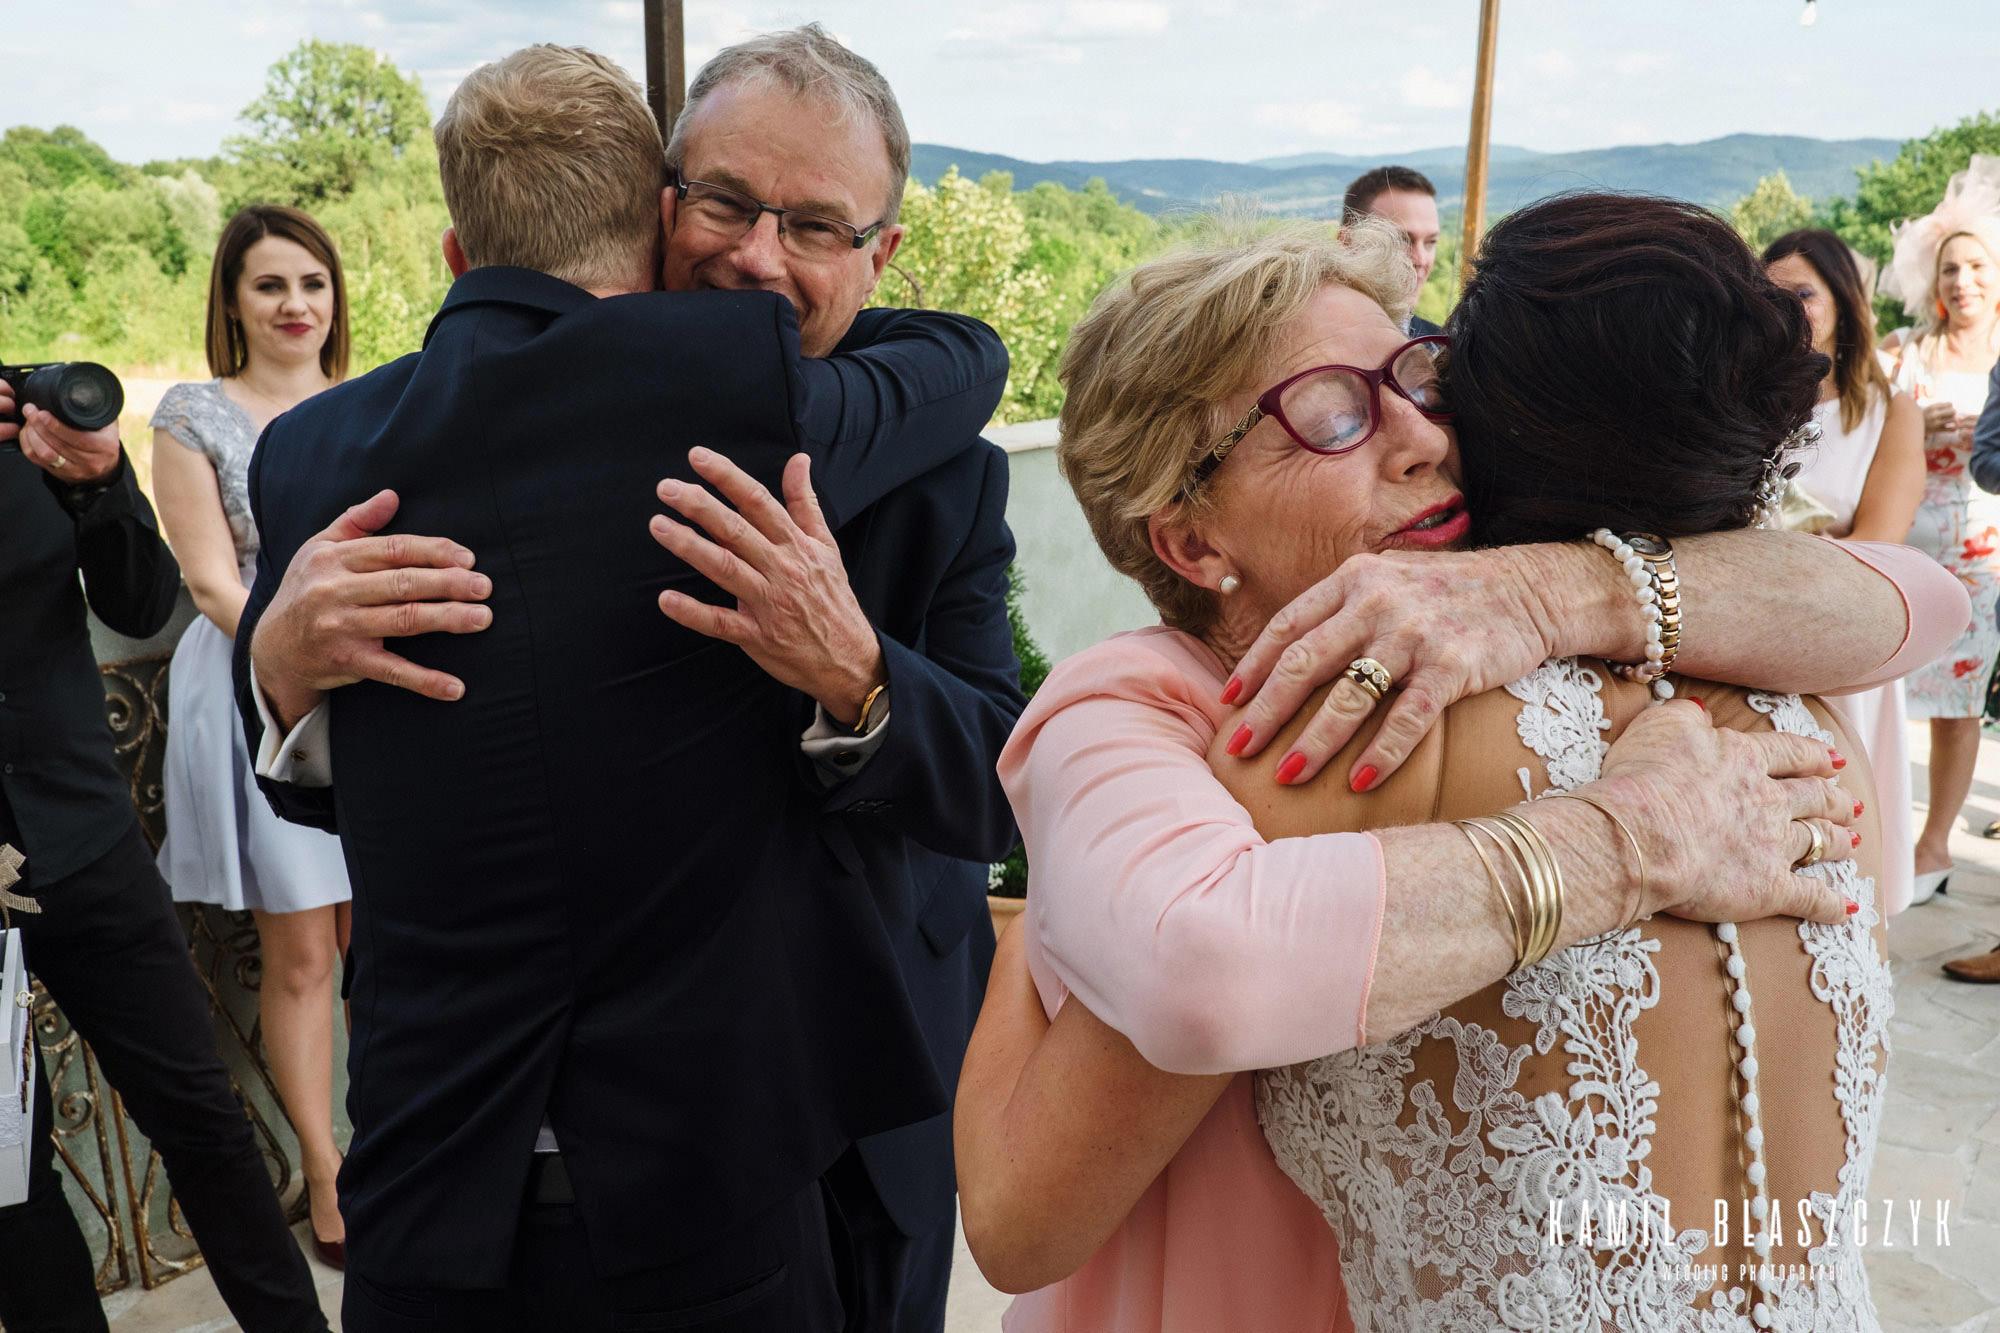 Życzenia po ceremonii ślubu składane przez rodziców